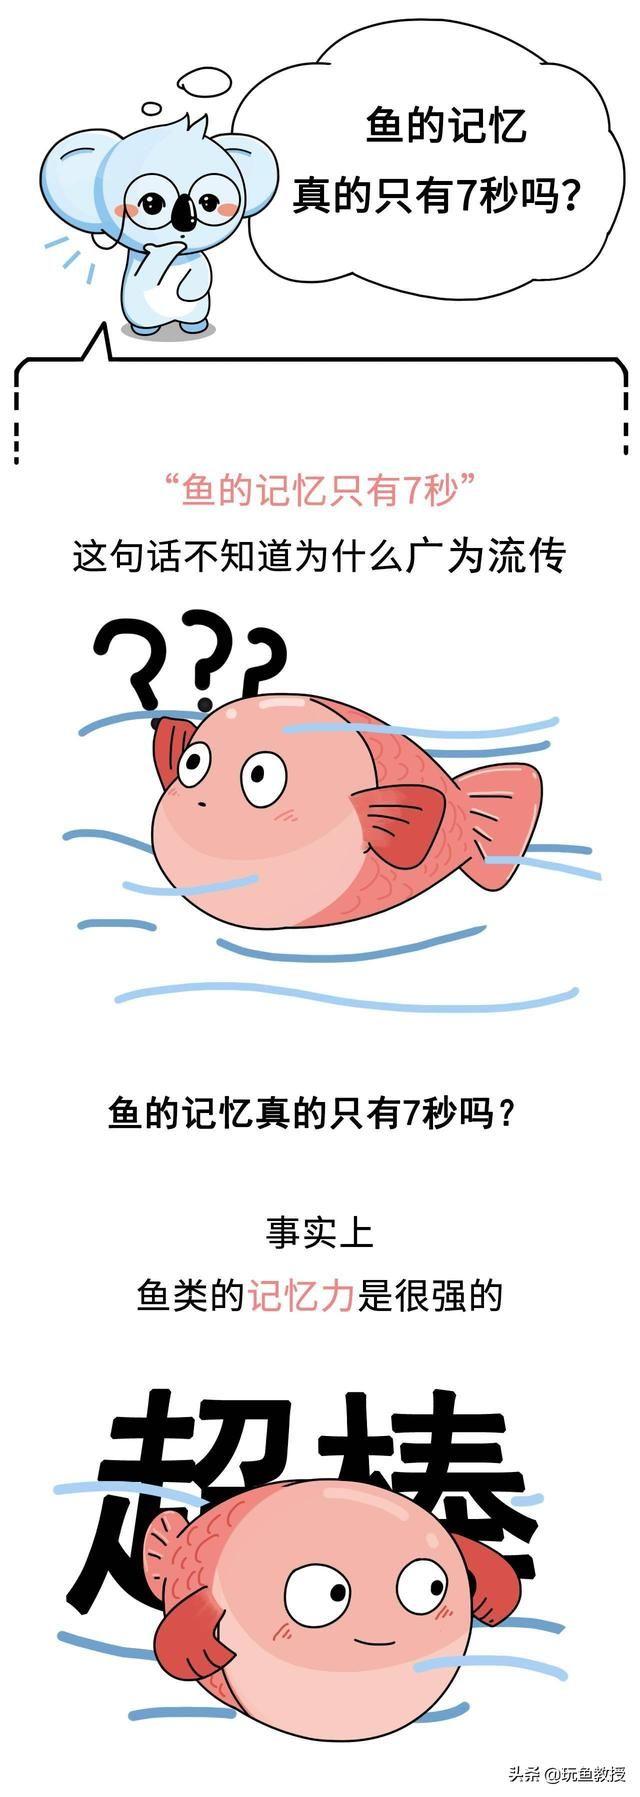 鱼为什么有记忆?未解之谜